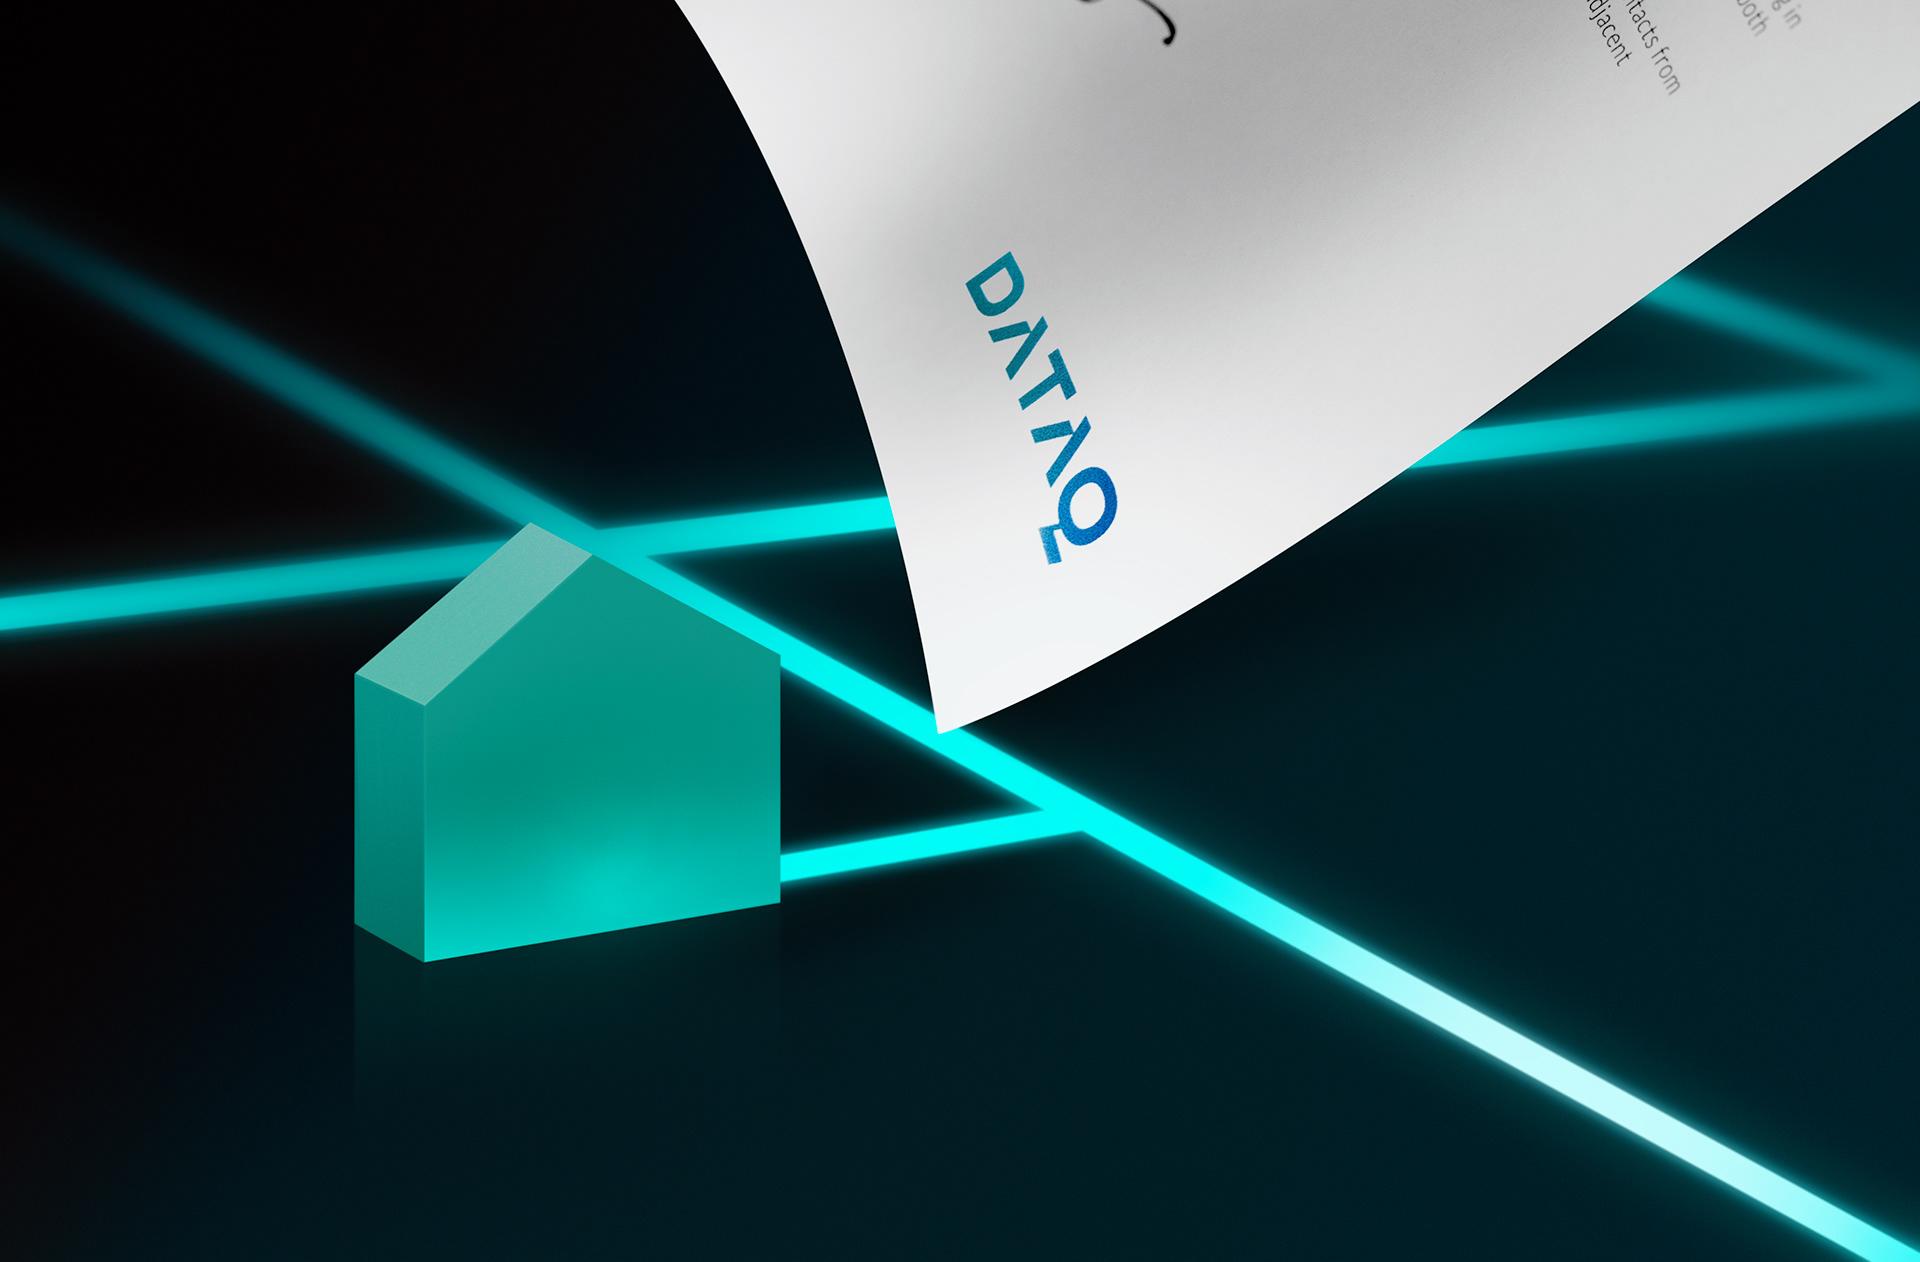 数据分析平台DATAQ品牌形象设计